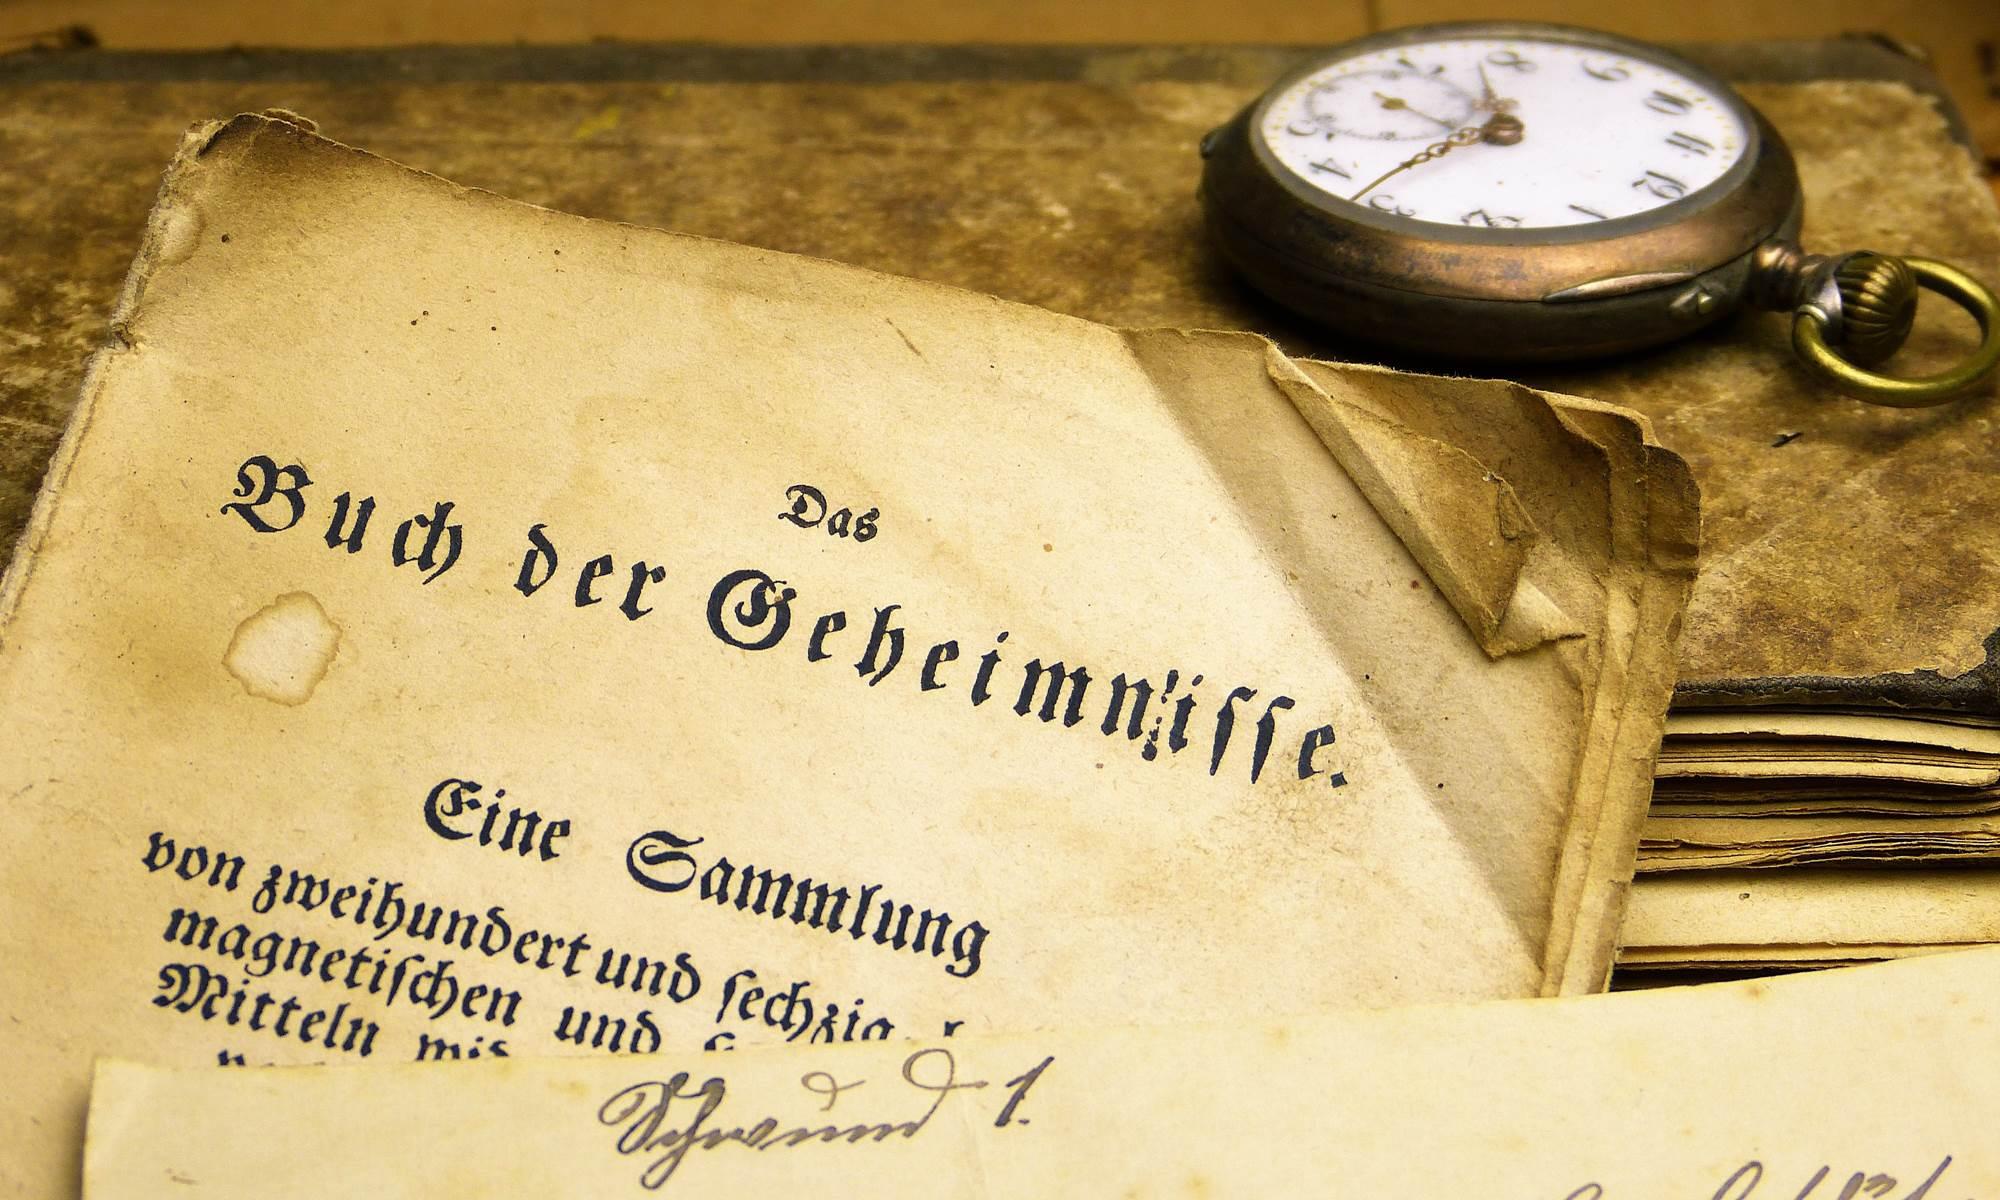 SCHREIBEN IN BERLIN | Einladung zum Schreibworkshop mit Erfolgsgarantie! Für ältere Semester geeignet!